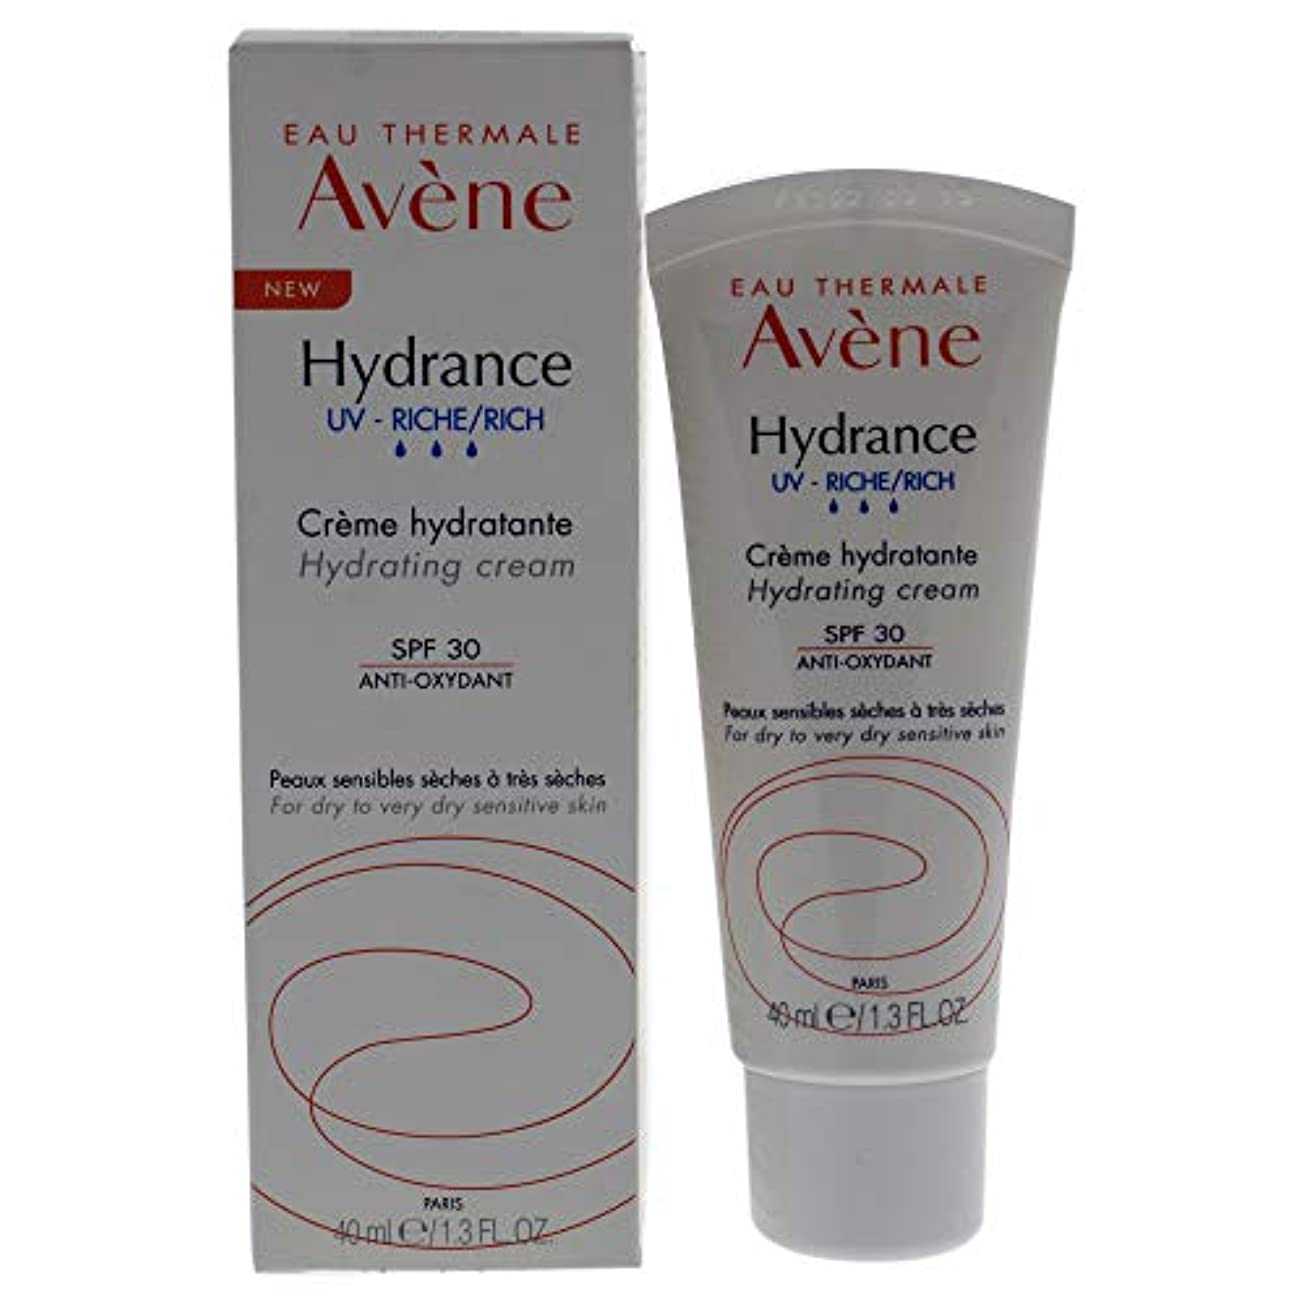 検出可能してはいけません早熟アベンヌ Hydrance UV RICH Hydrating Cream SPF 30 - For Dry to Very Dry Sensitive Skin 40ml/1.3oz並行輸入品